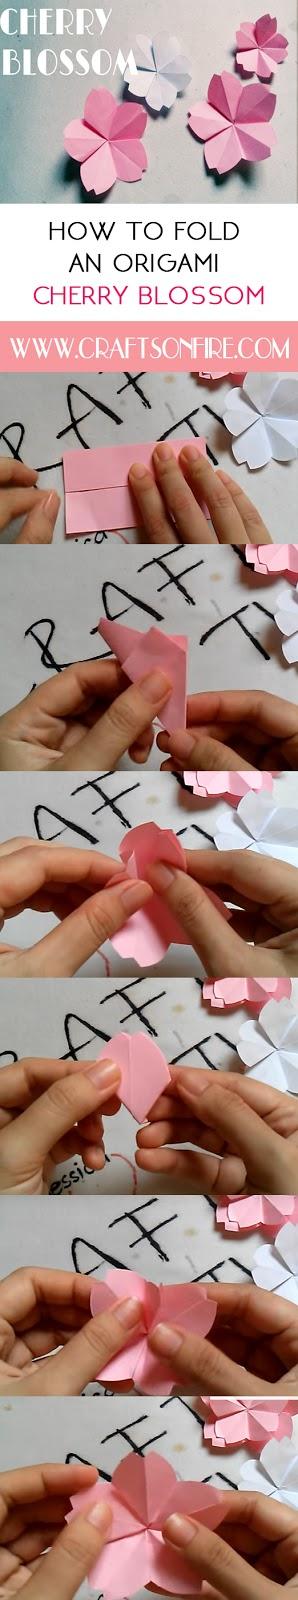 origami flower, easy origami flower, cherry blossom, easy cherry blossom, diy, diy crafts, diy projects